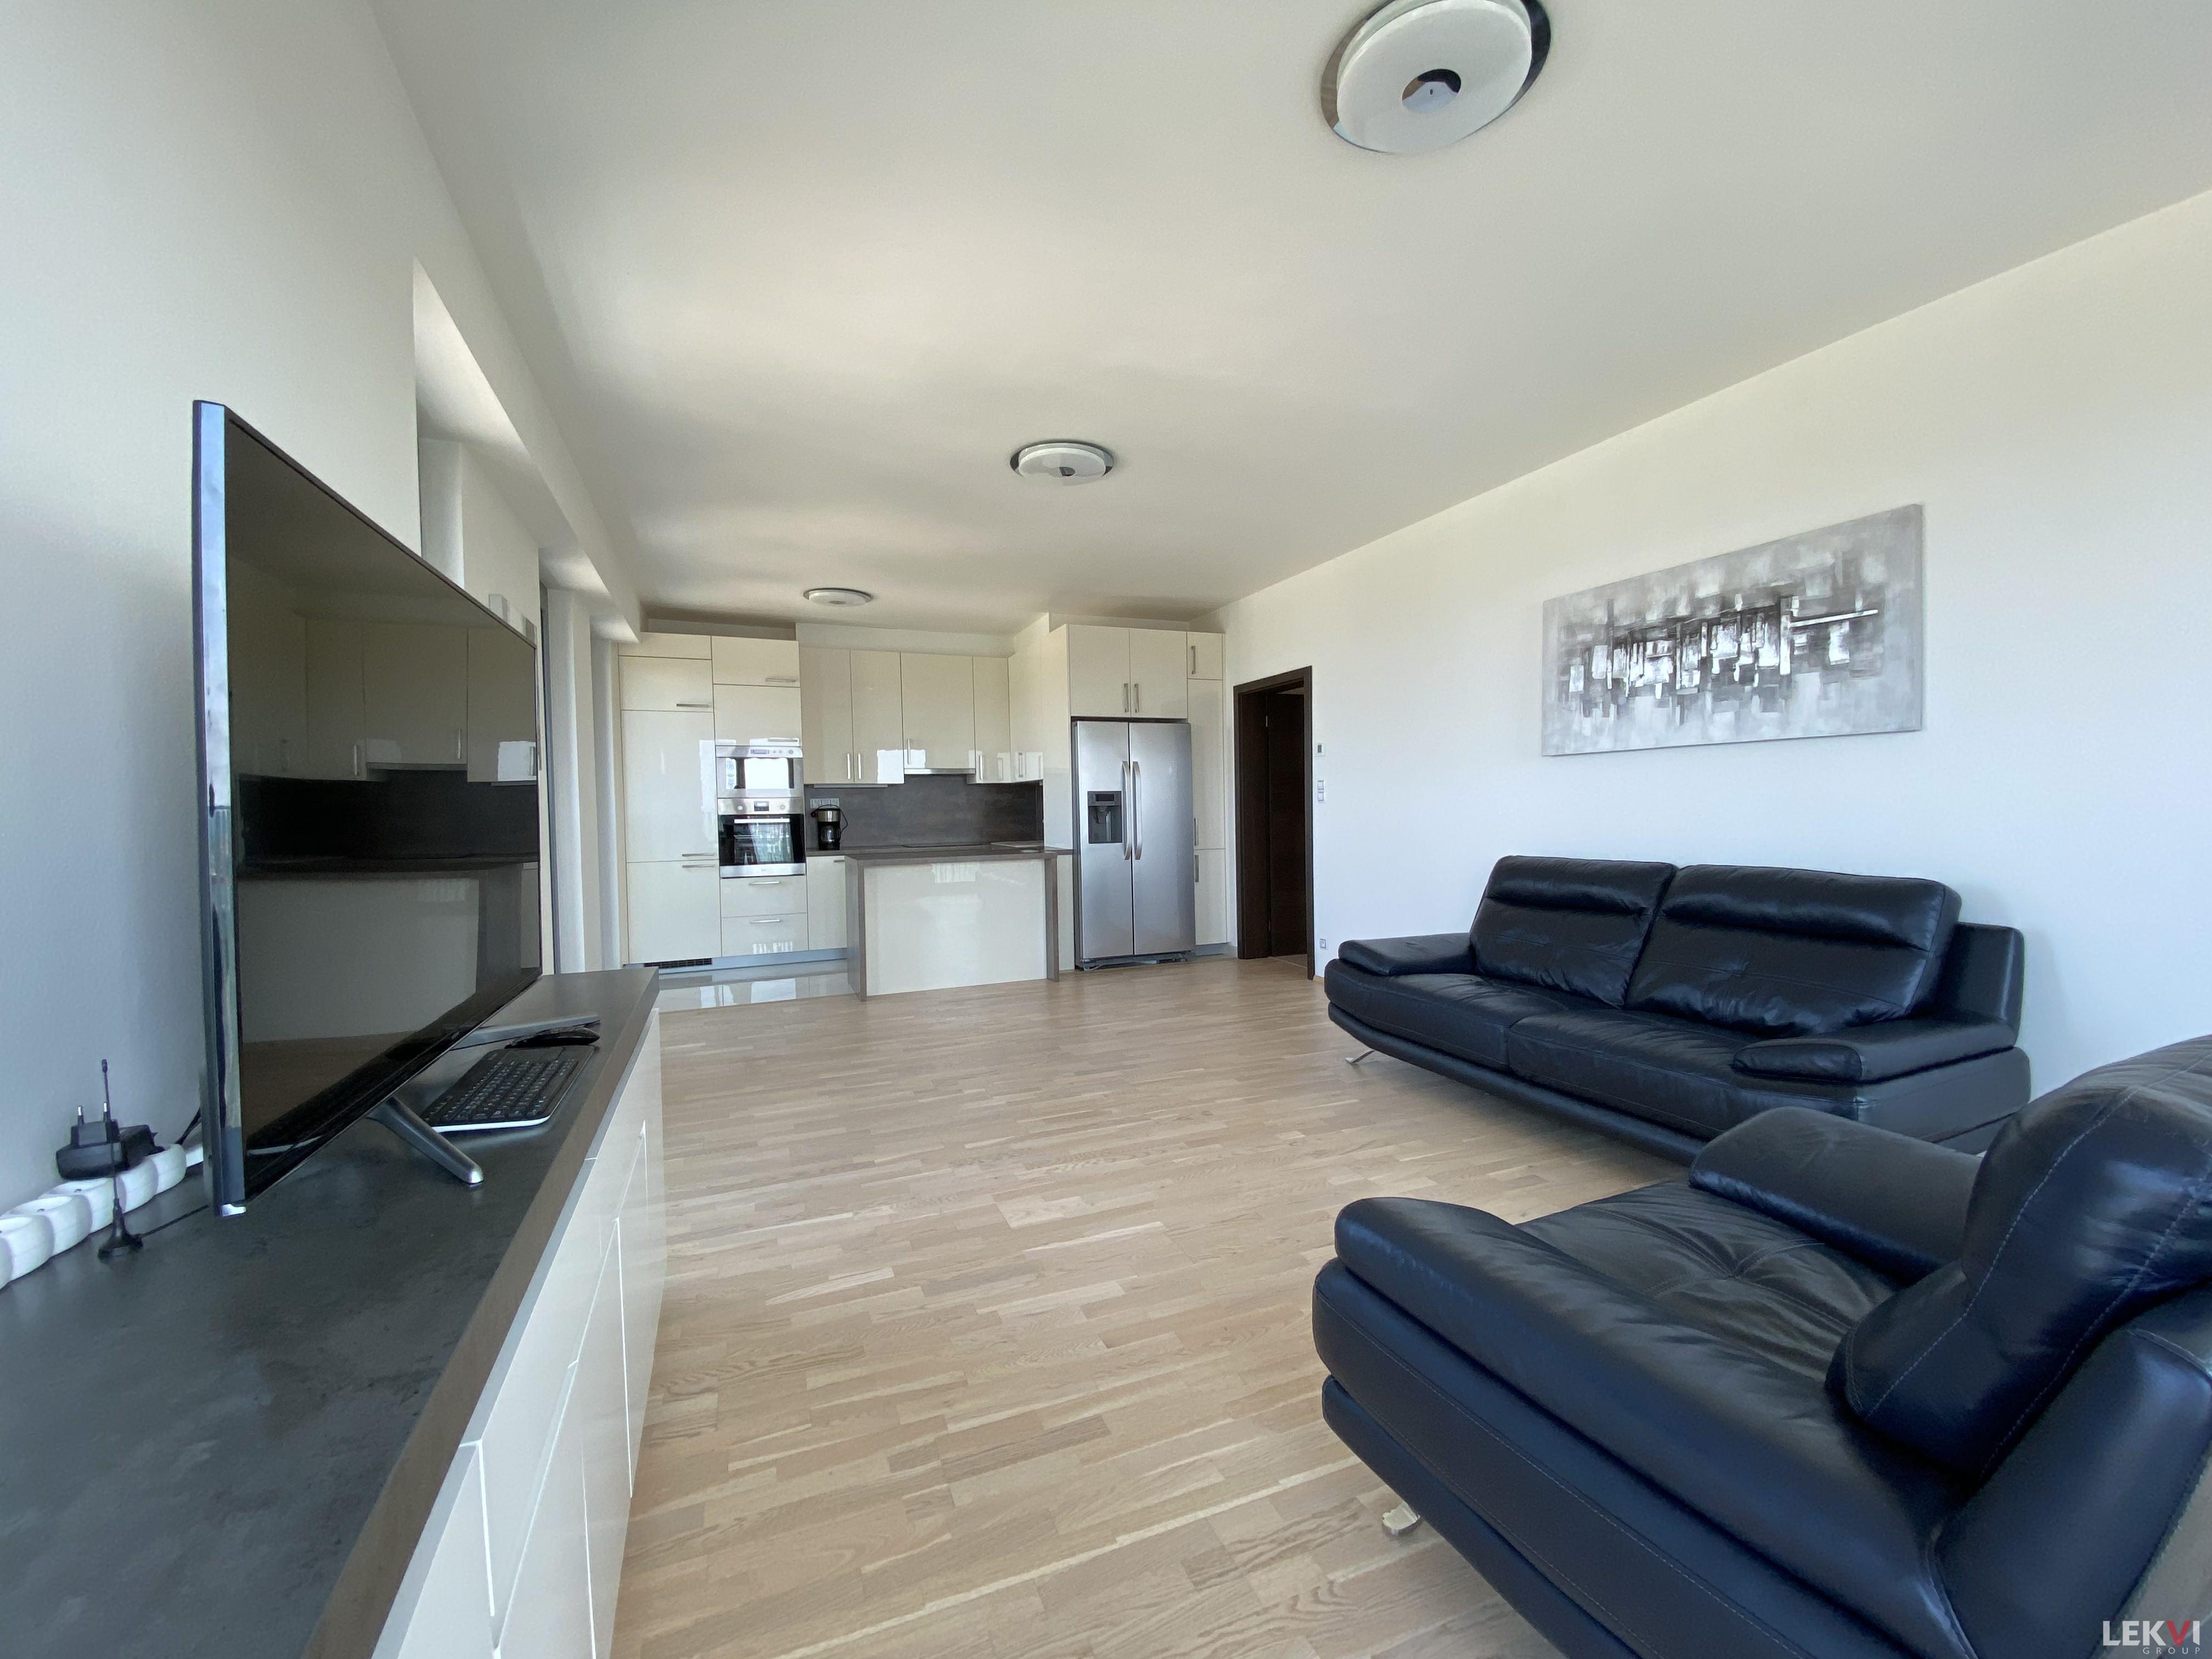 Pronájem bytu 4+kk, 124 m2 - Olšanská, Praha 3